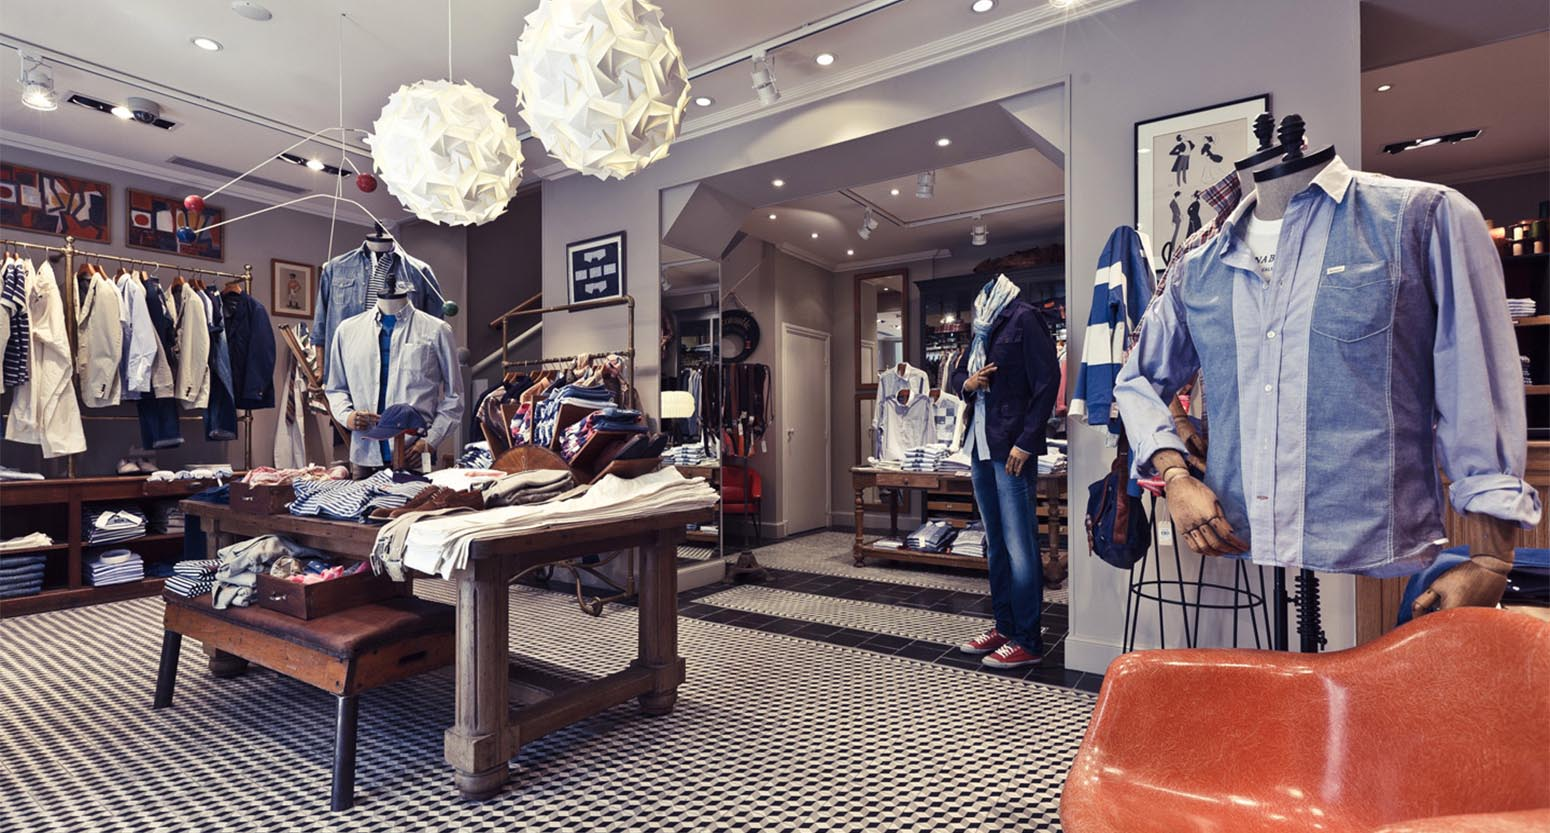 Fashion Retail Decoration Shops Design Ideas For Mens ...